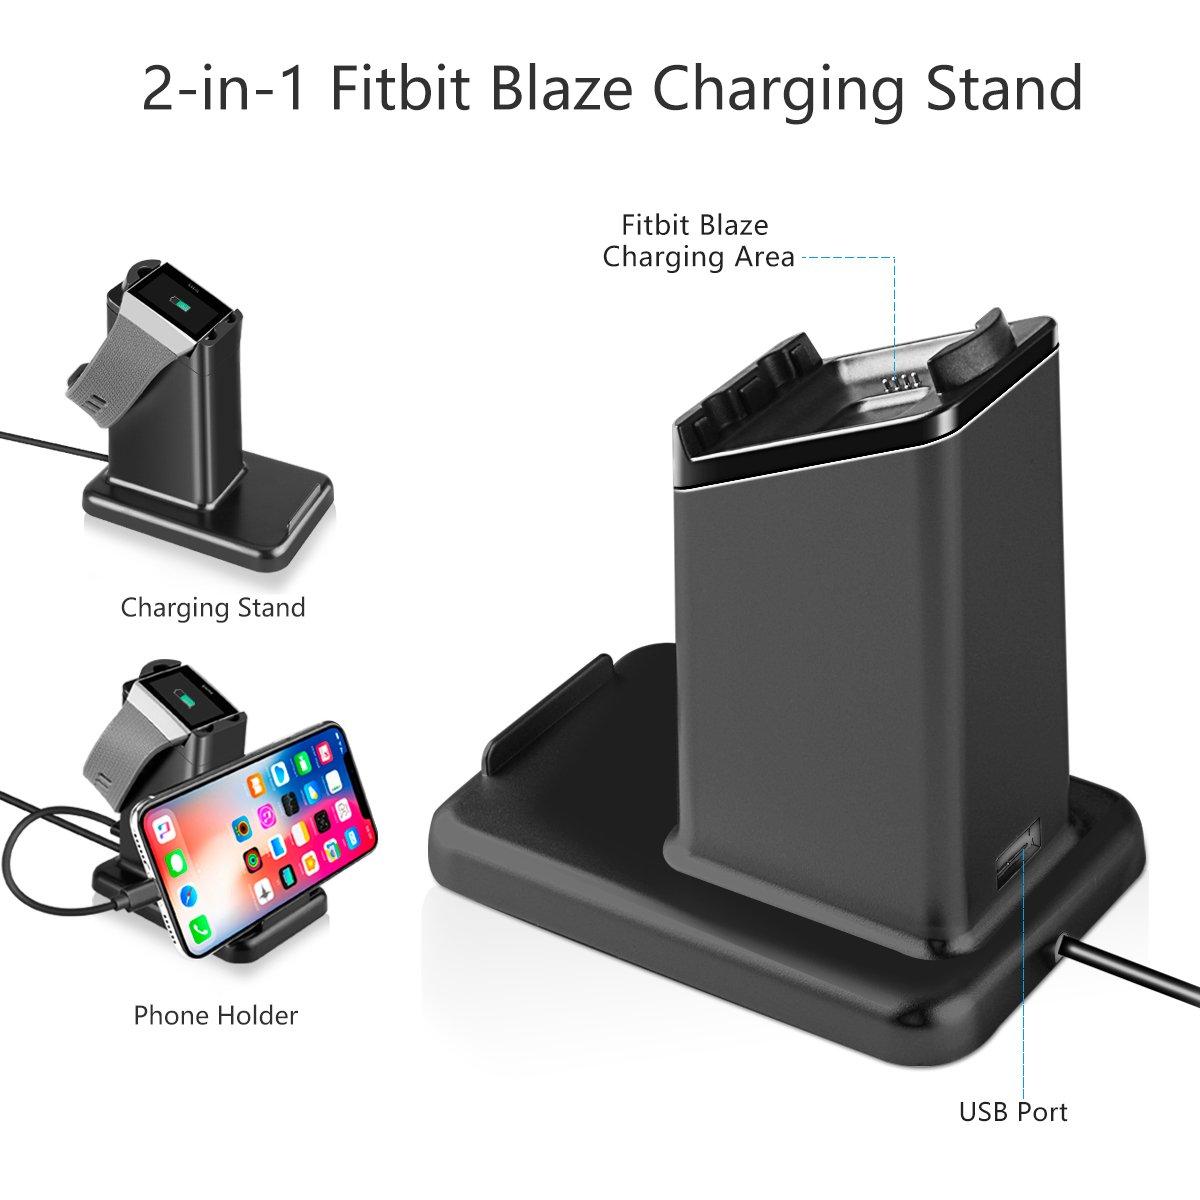 Amazon.com: Cargador para Fitbit Blaze, MixMart 2en 1 ...